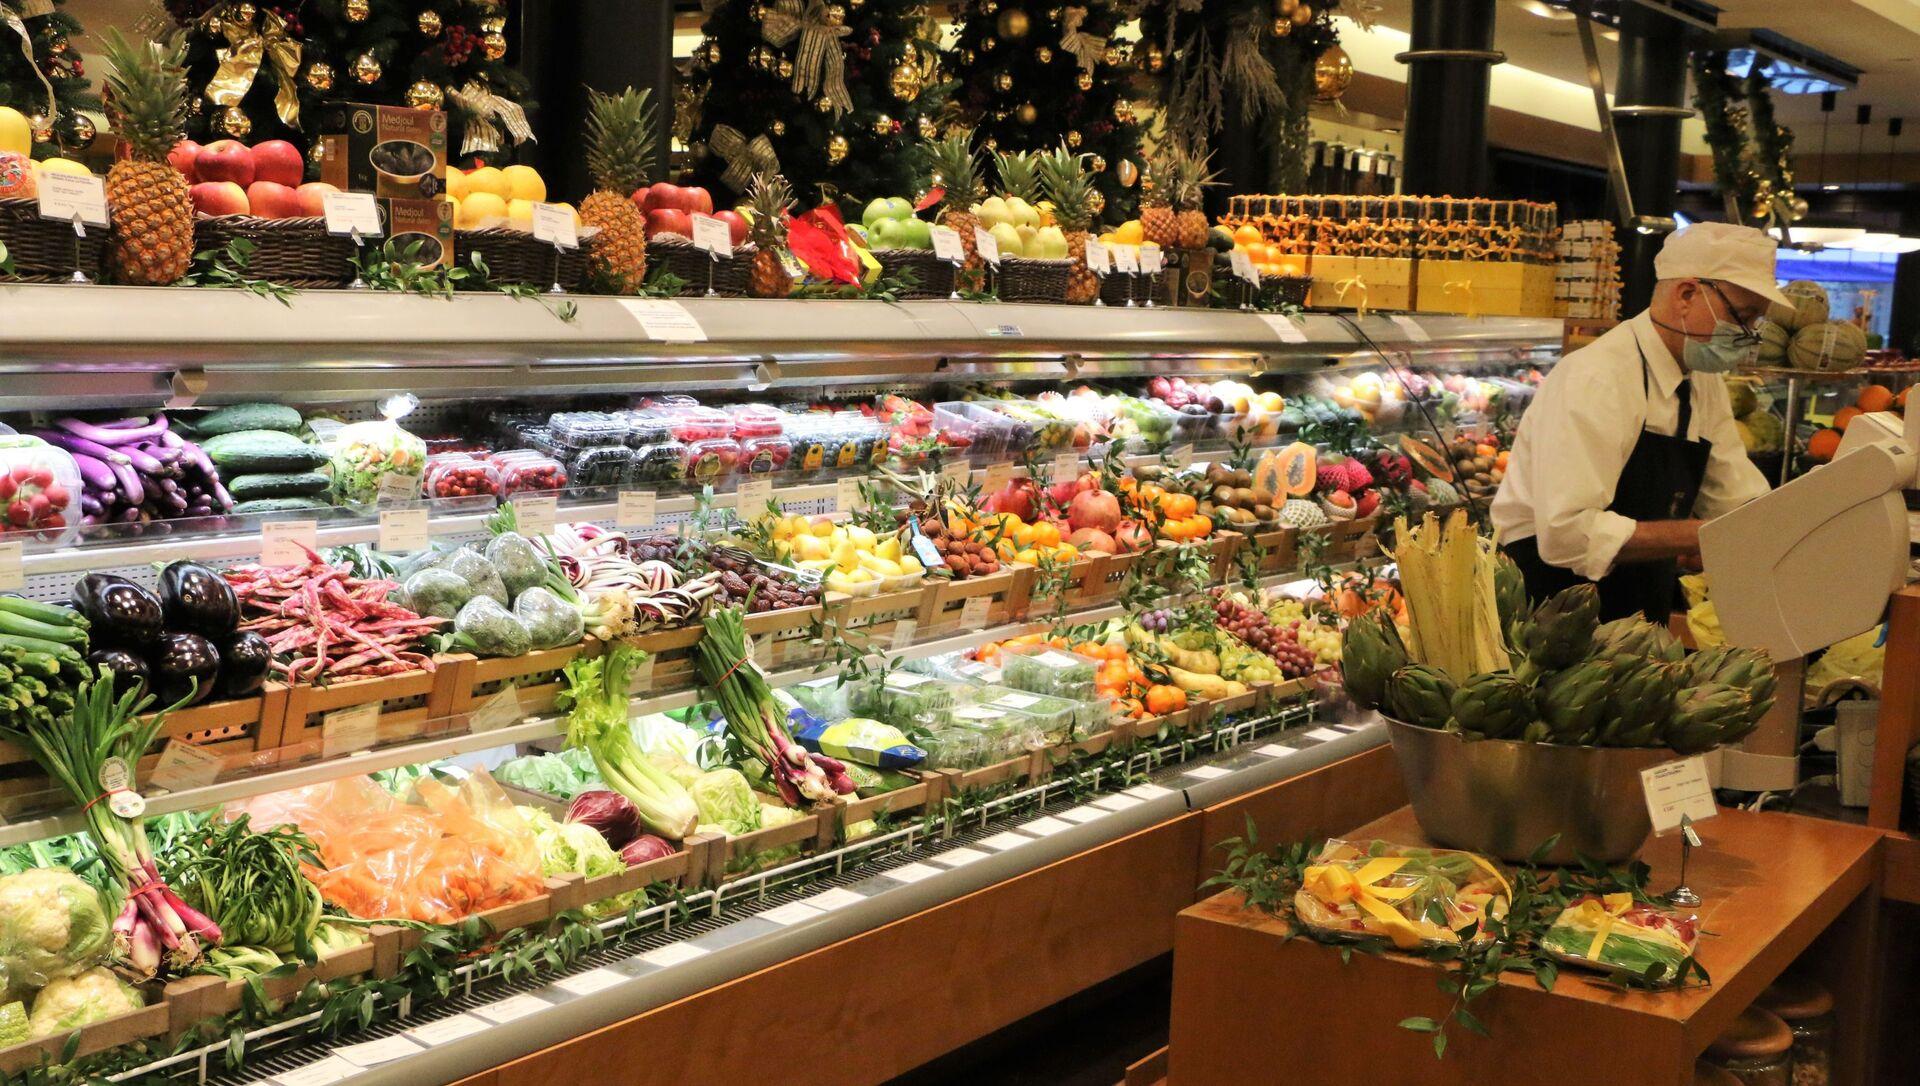 Banco di frutta e verdura in un supermercato - Sputnik Italia, 1920, 23.02.2021